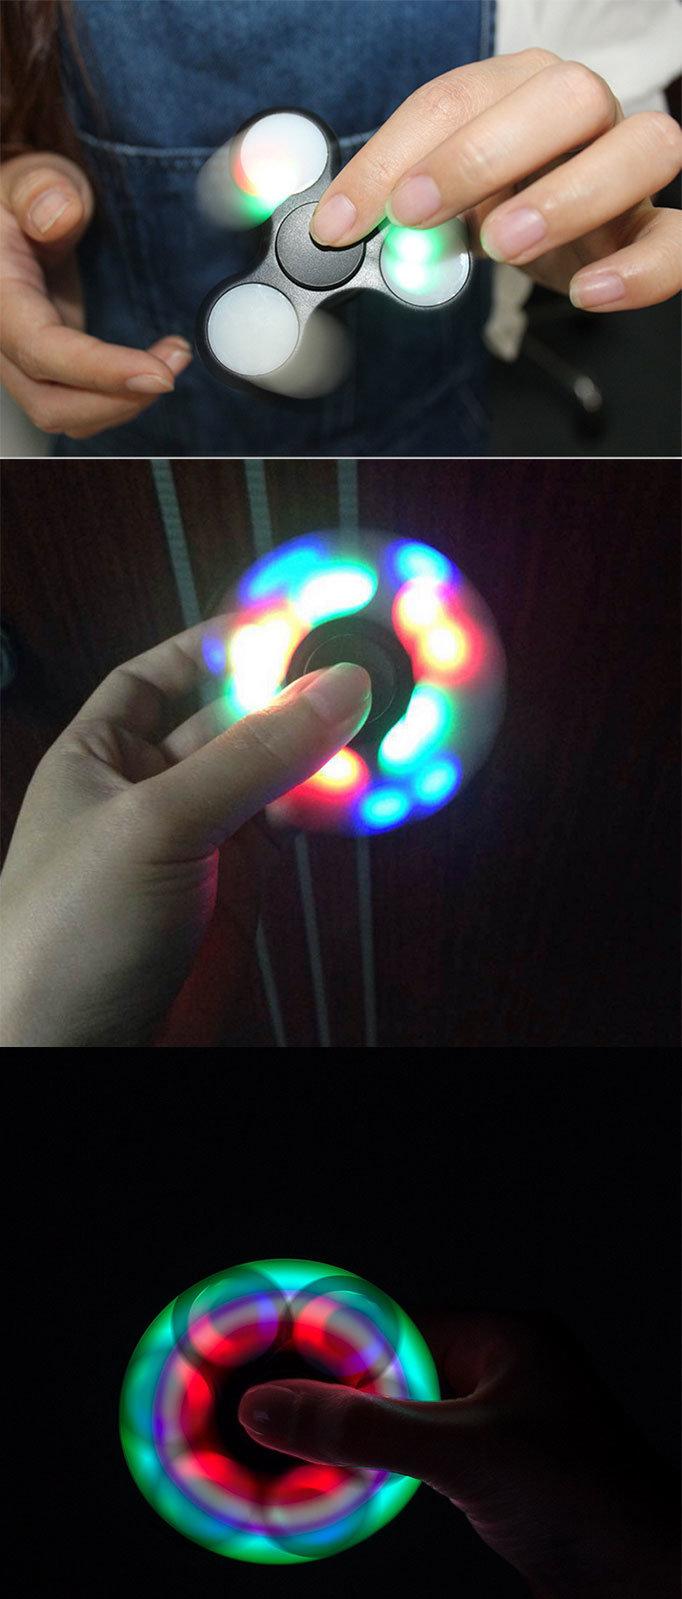 LED Light up Spinner Fidget Toy